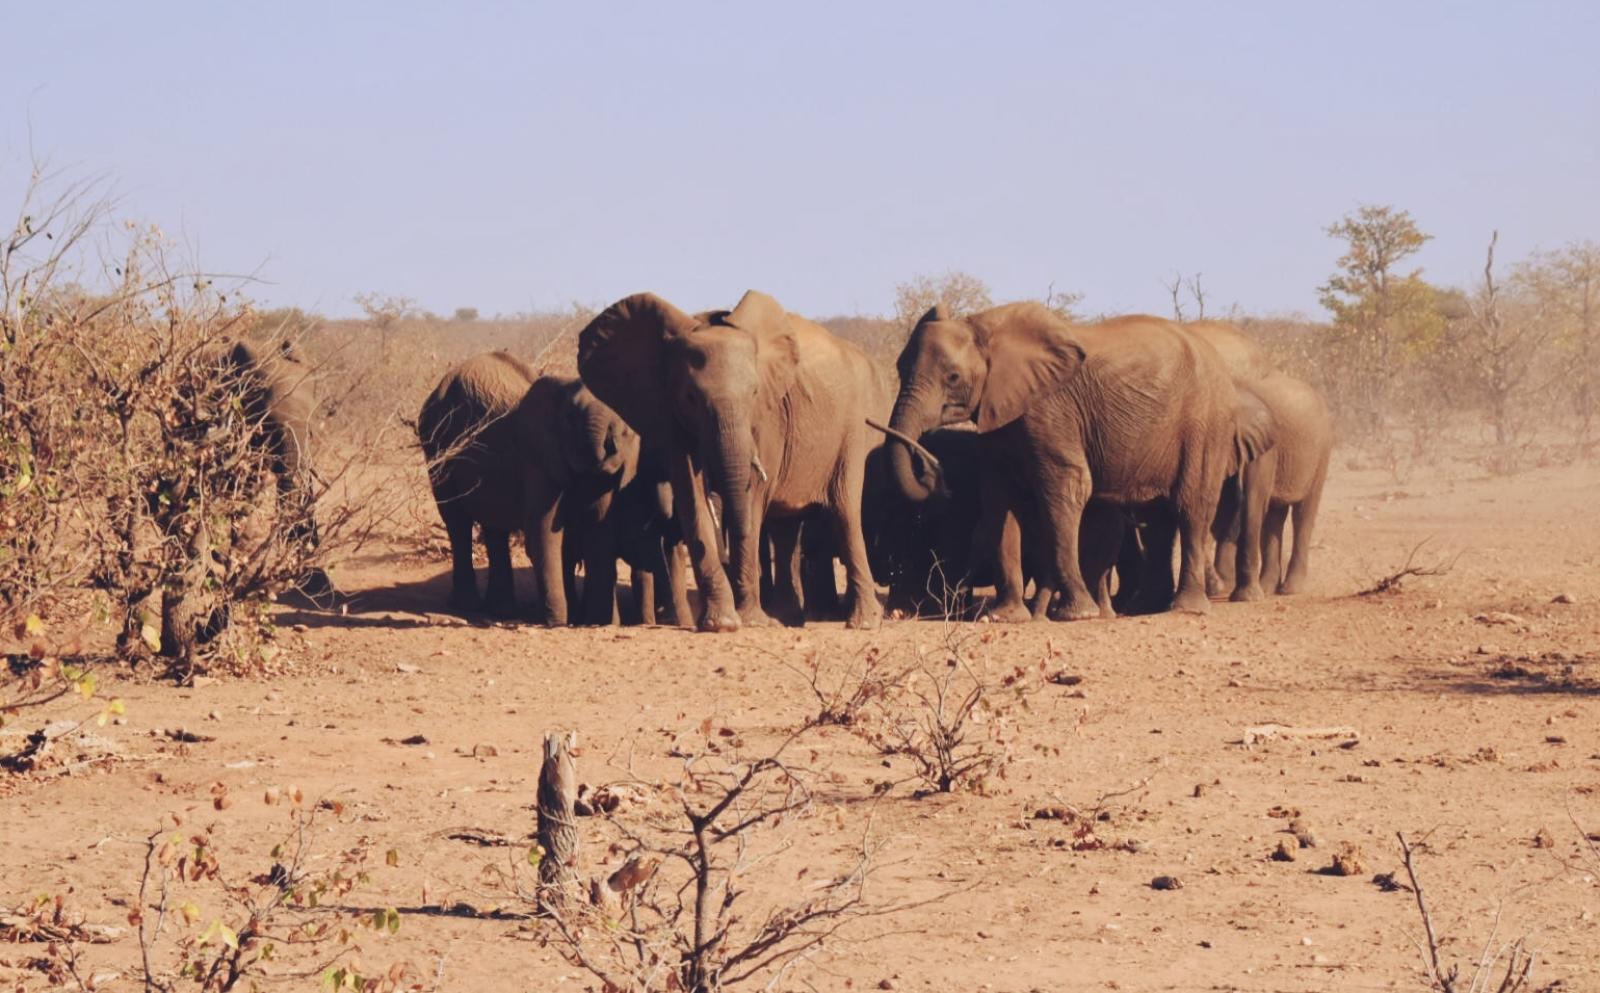 ボツワナで環境保護ボランティア松澤晃汰さんが見たゾウの群れ